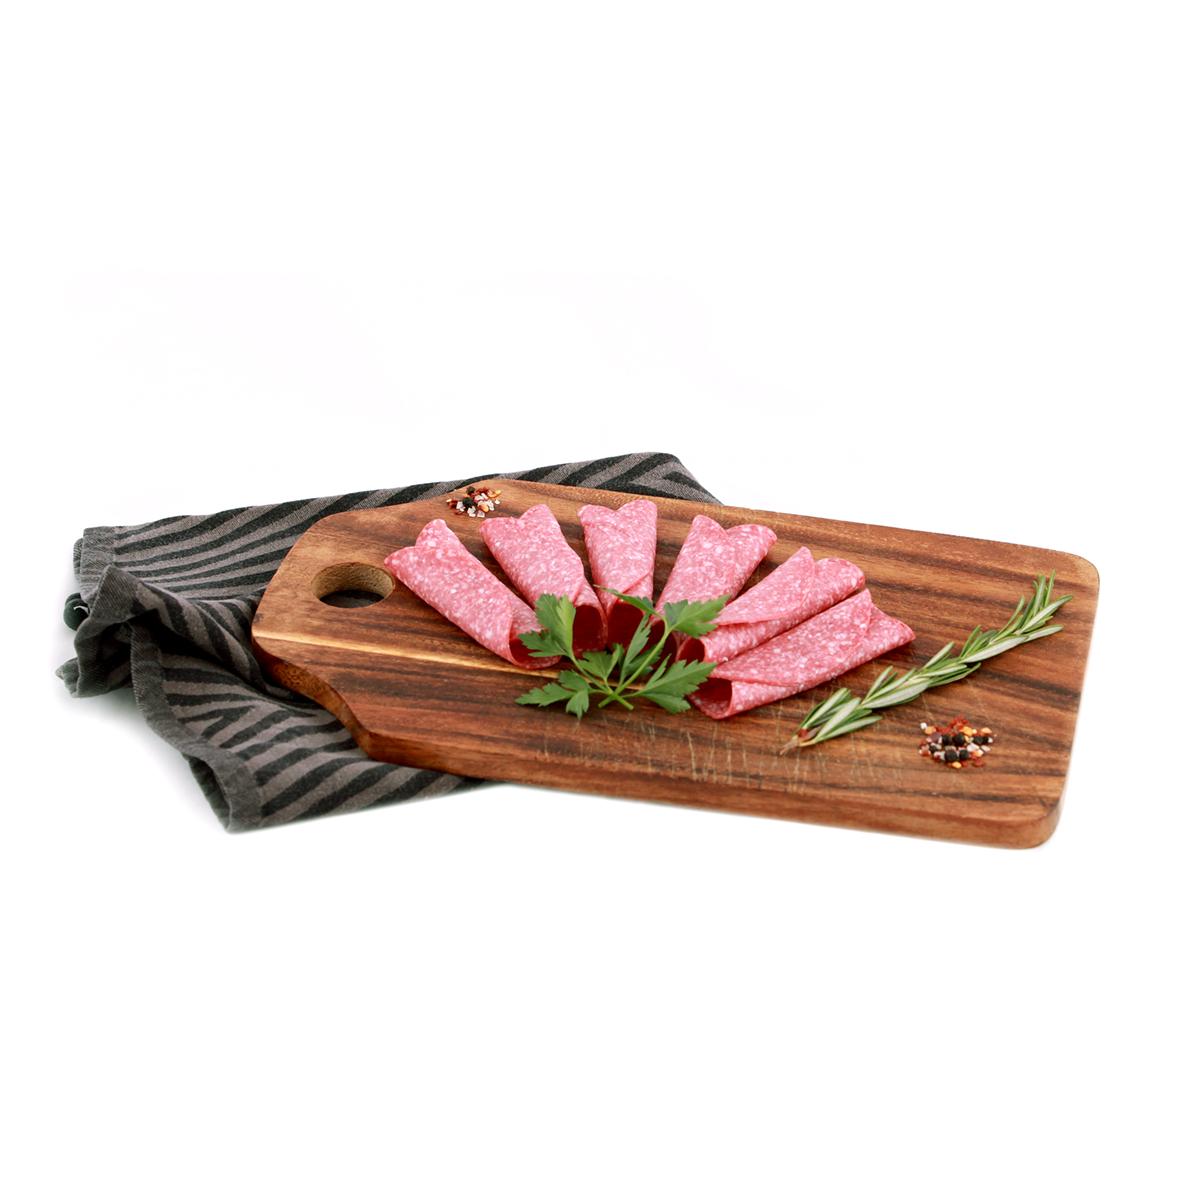 Salami geschnitten